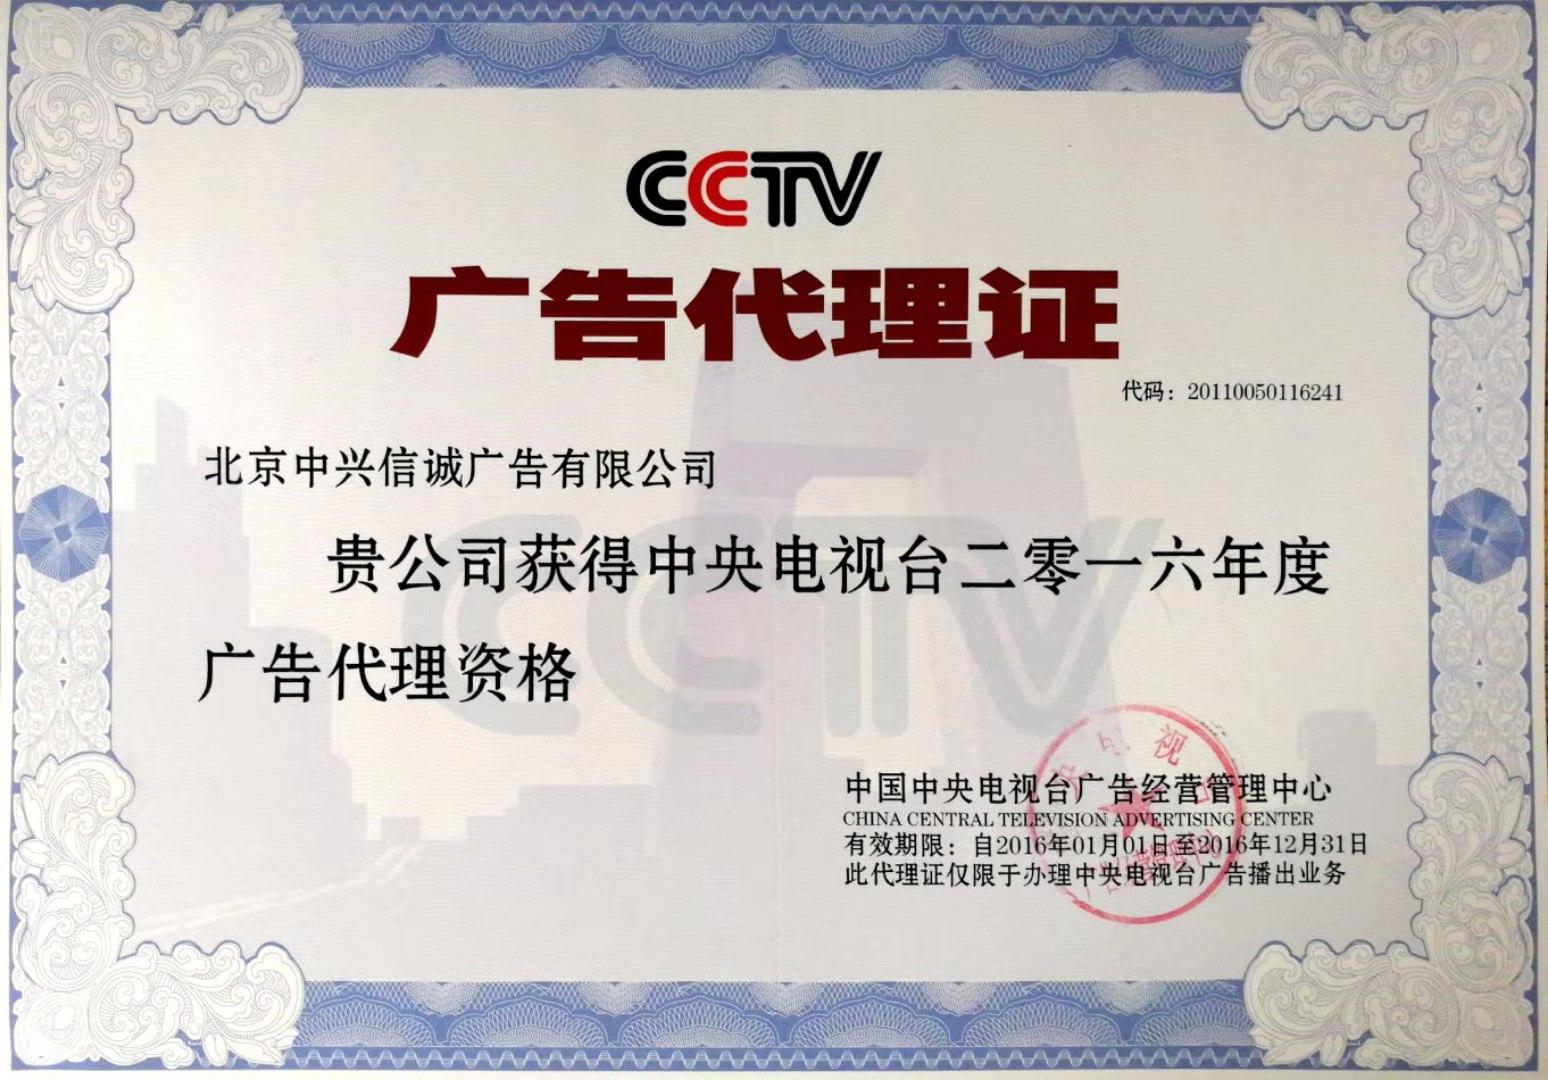 2016年央视代理证